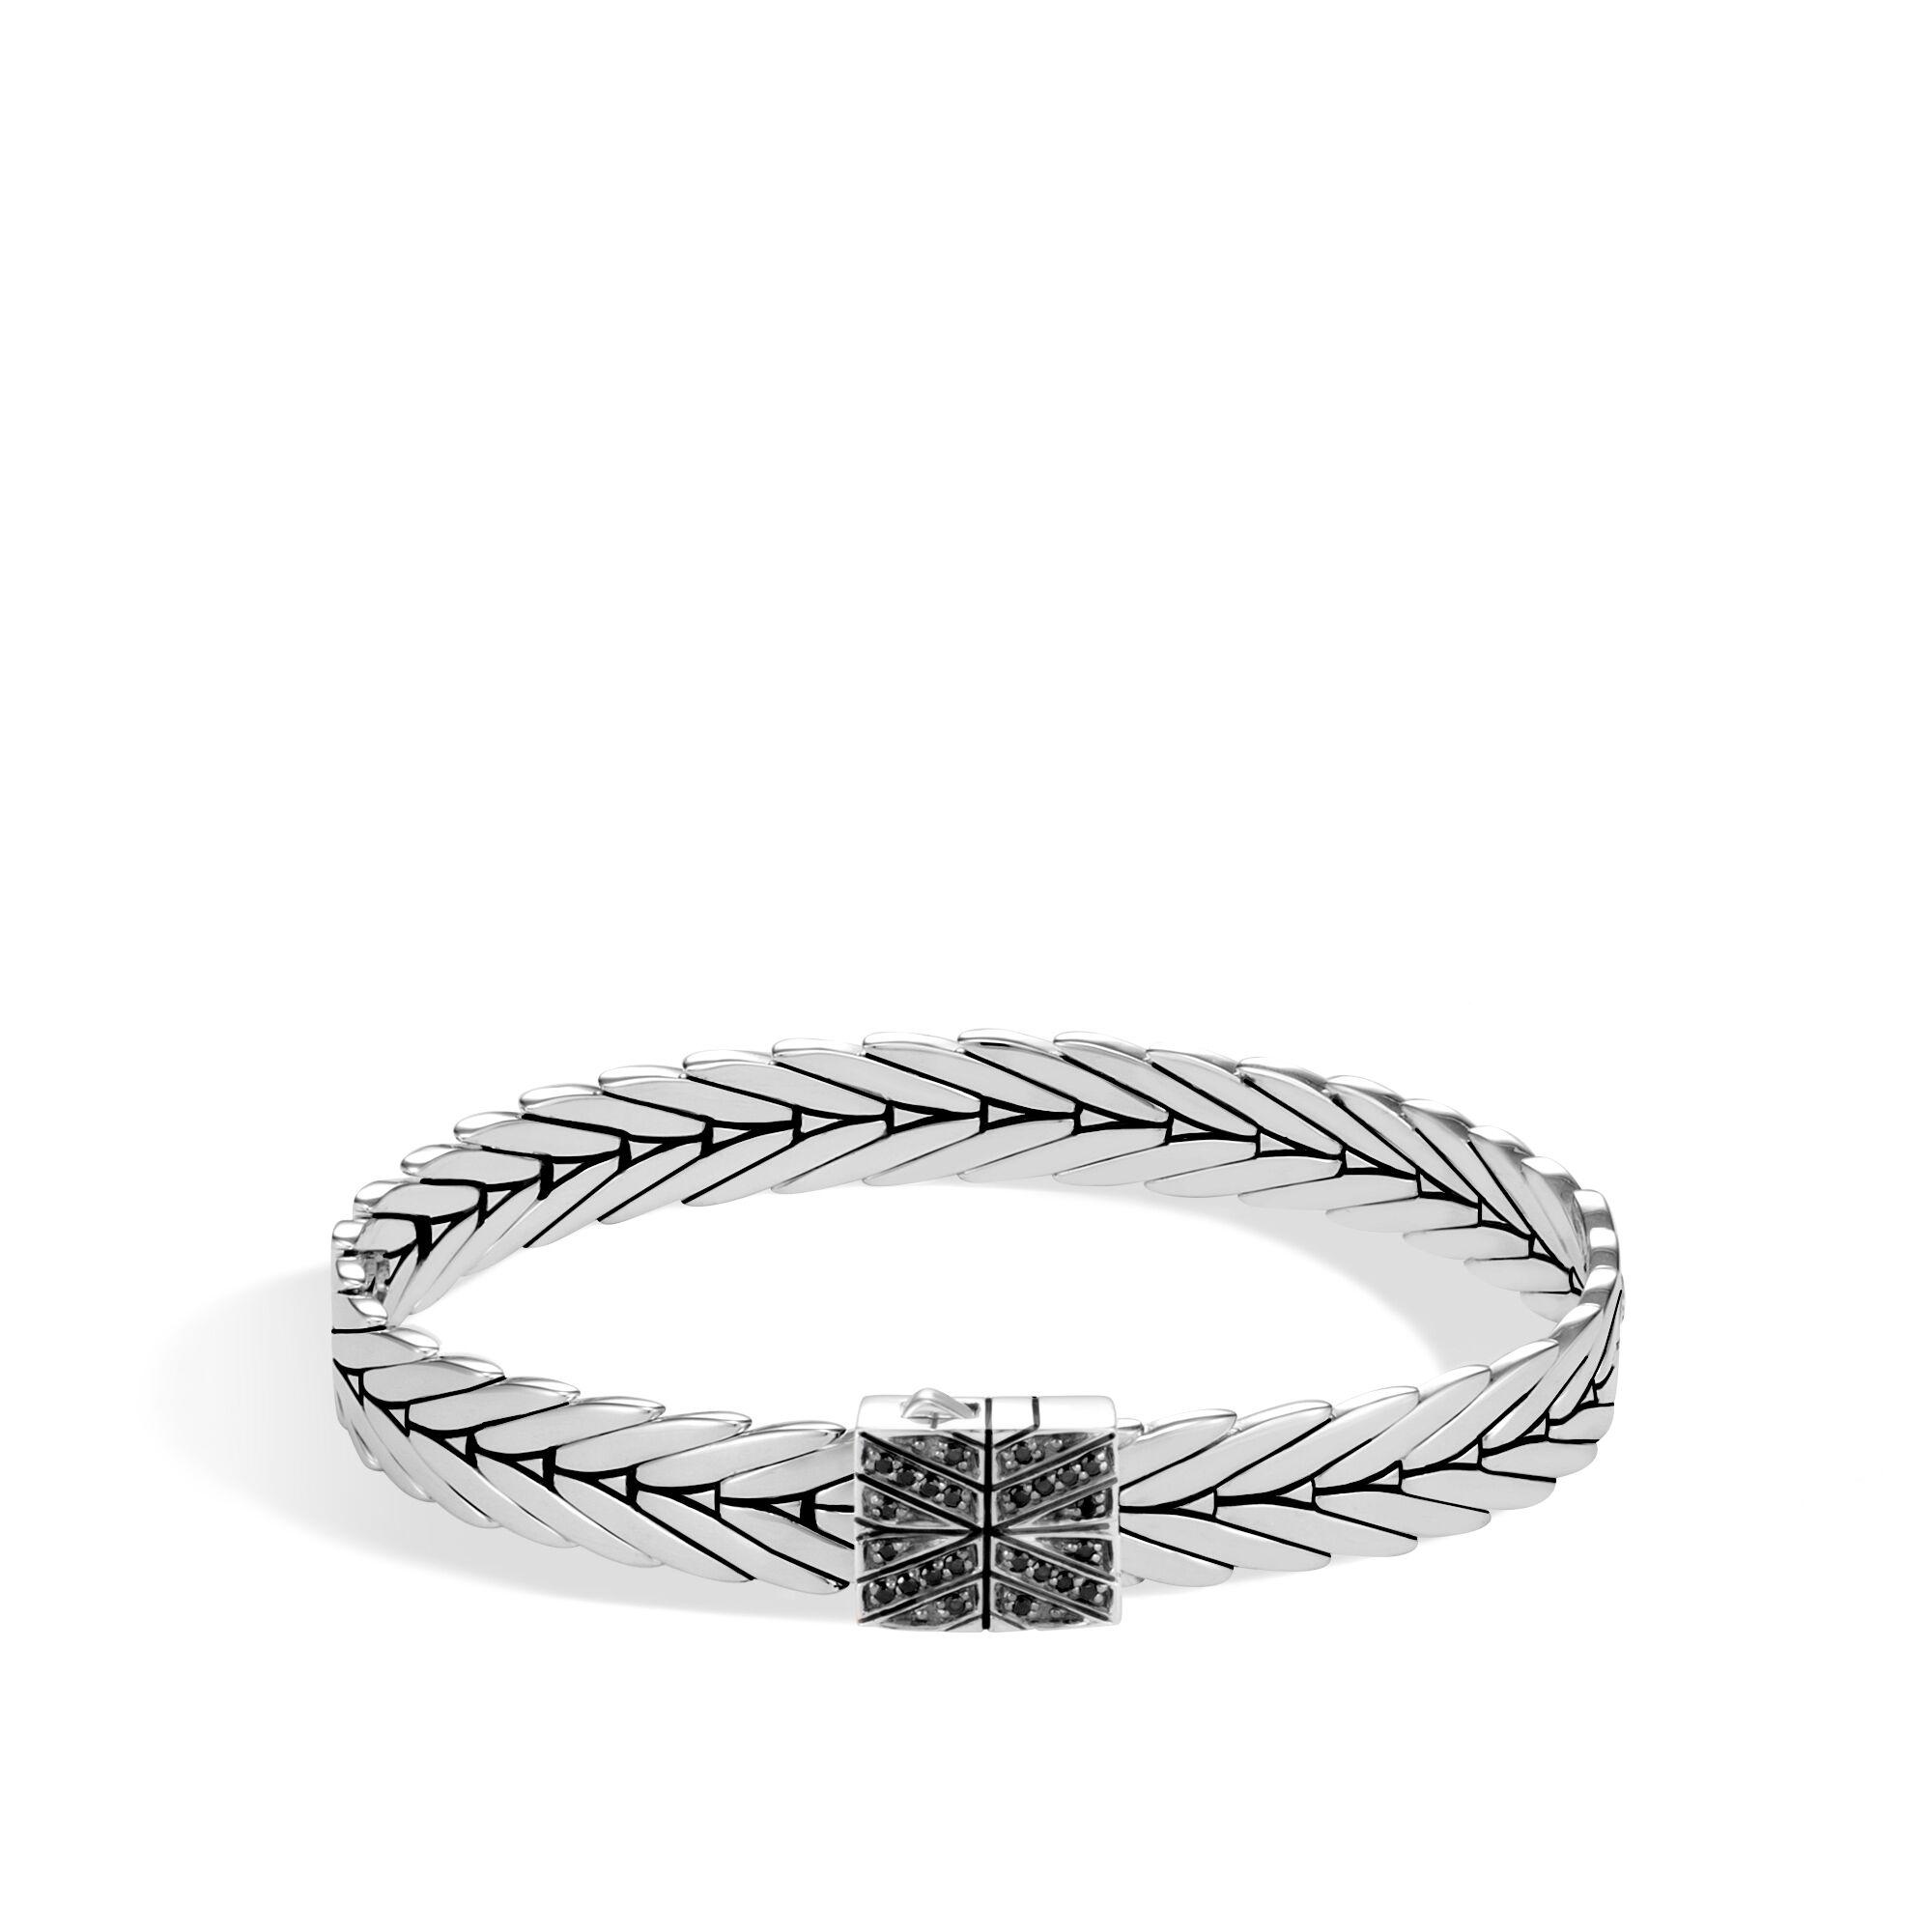 John Hardy Modern Chain Bracelet With Black Spinel Xs Black spinel zaZ0V1vPK